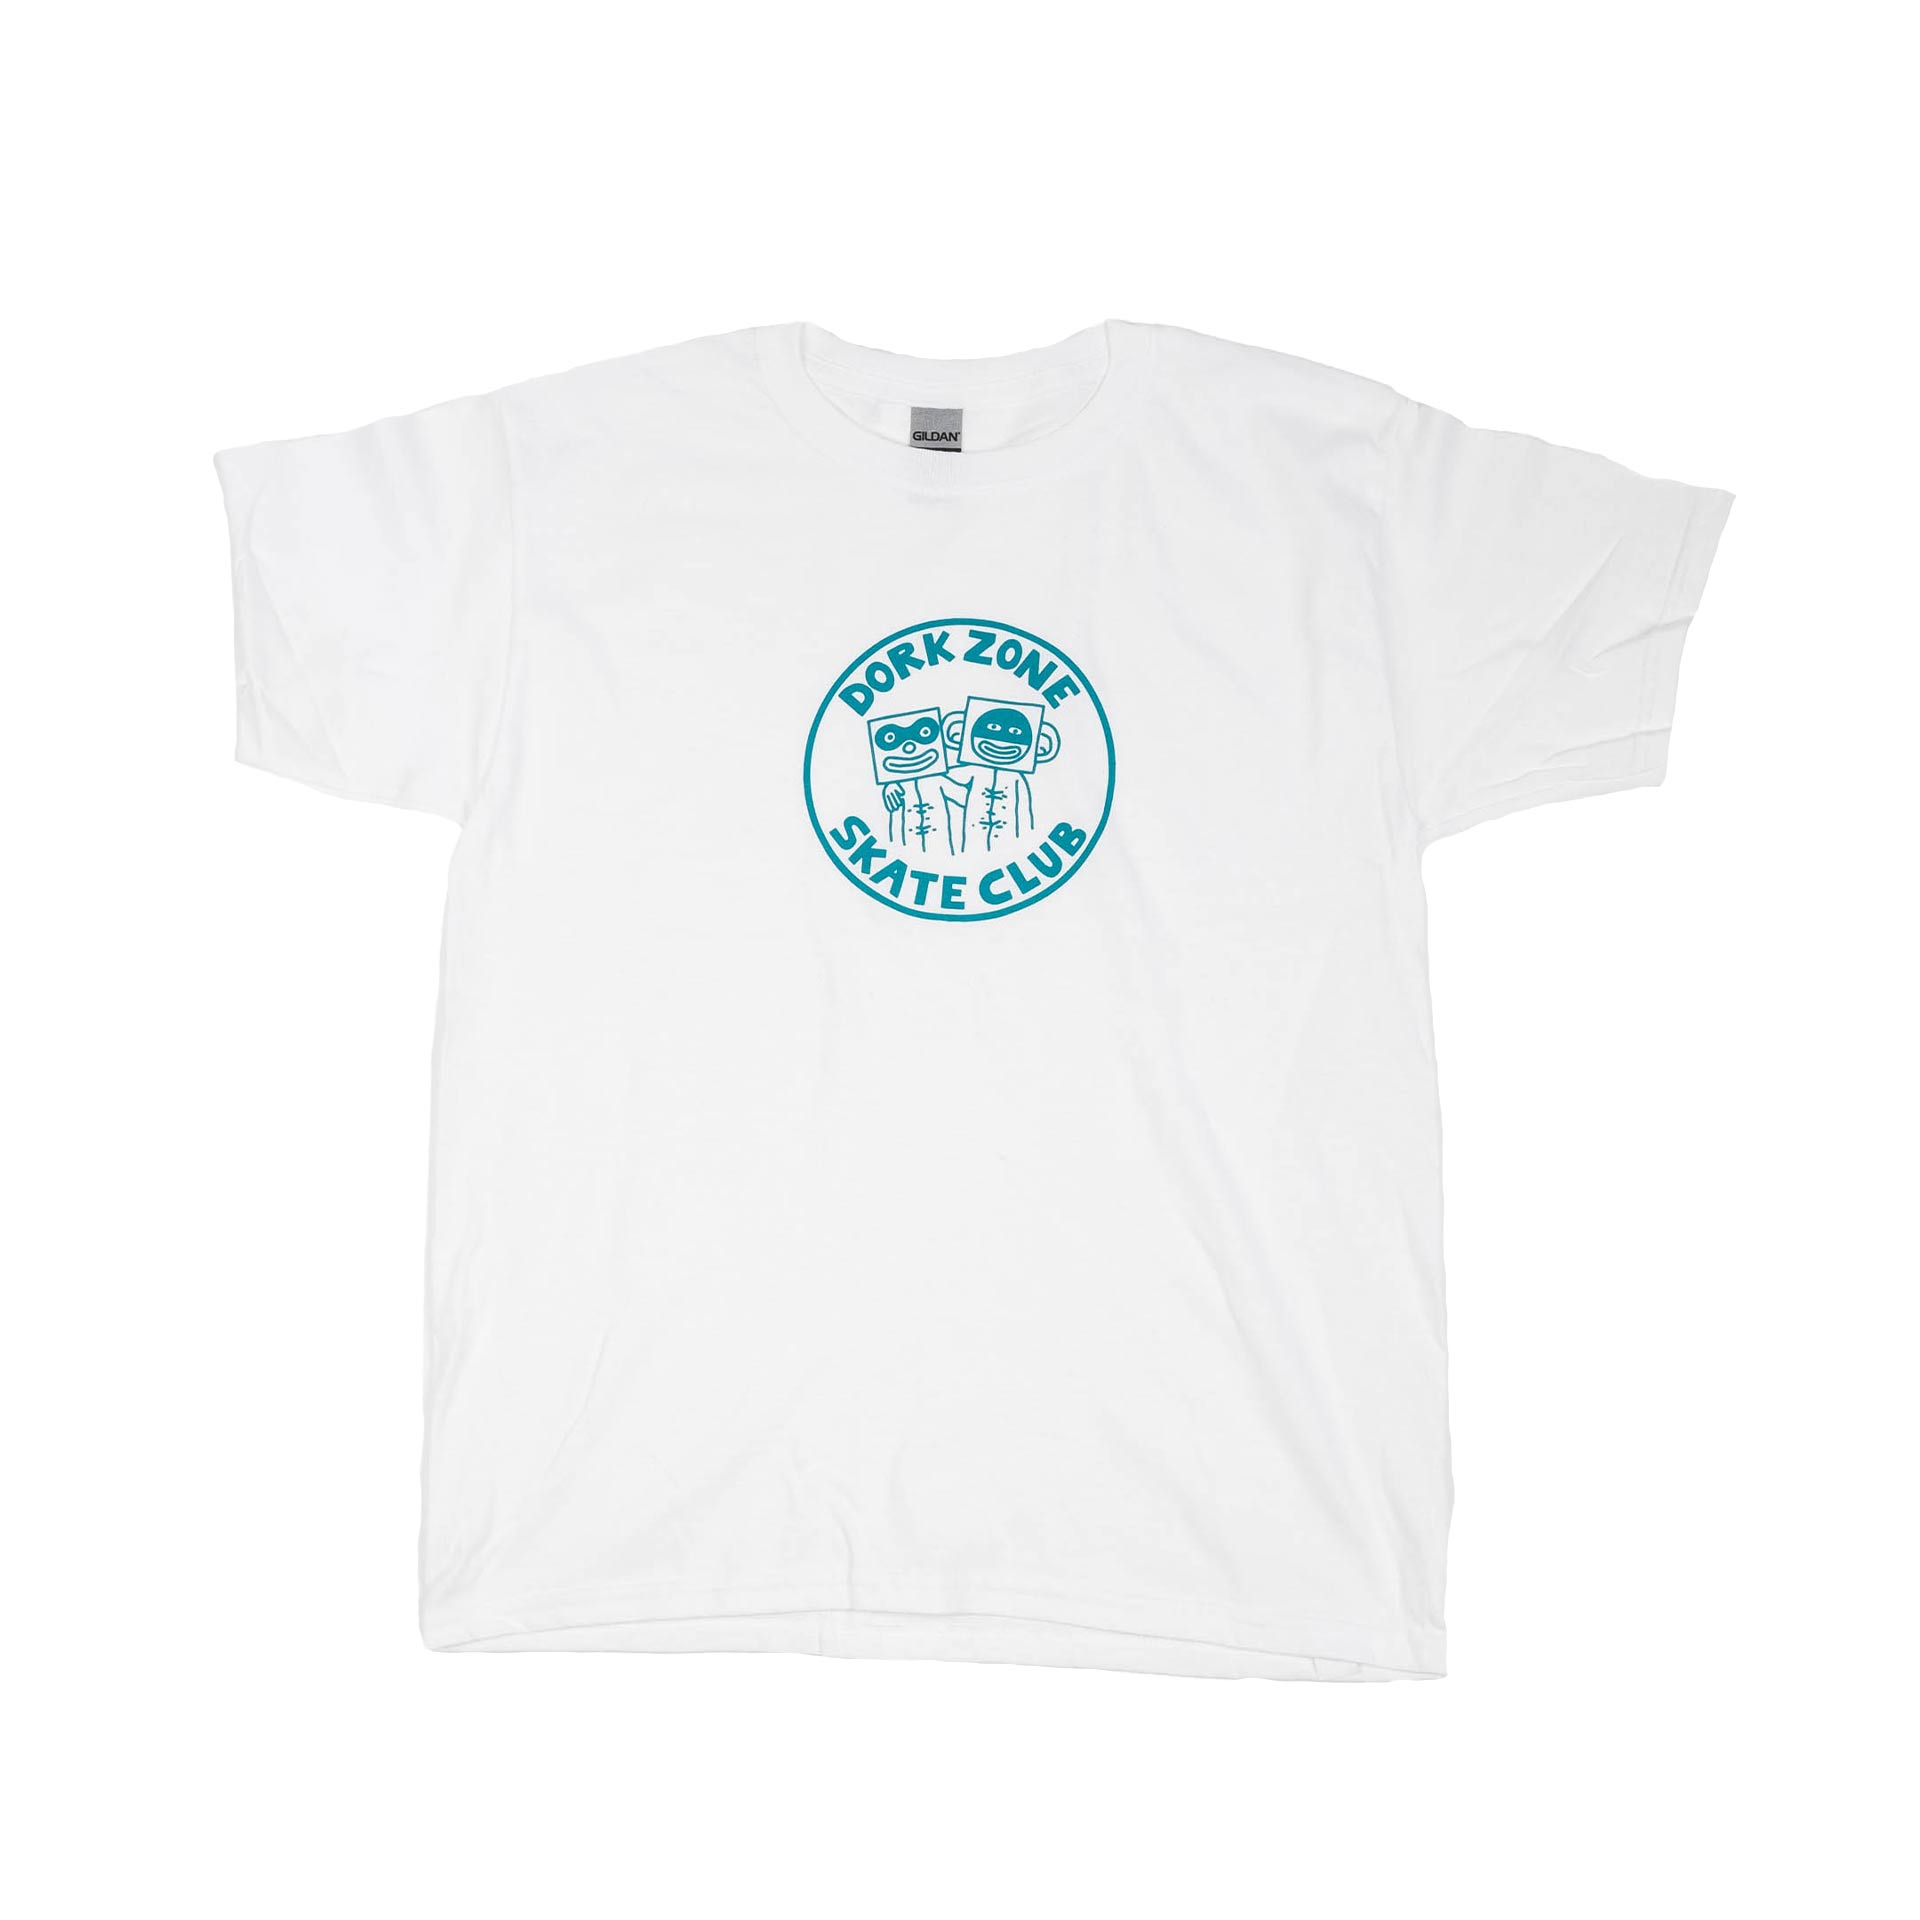 Dorkzone Skate Club Kids T-Shirt White